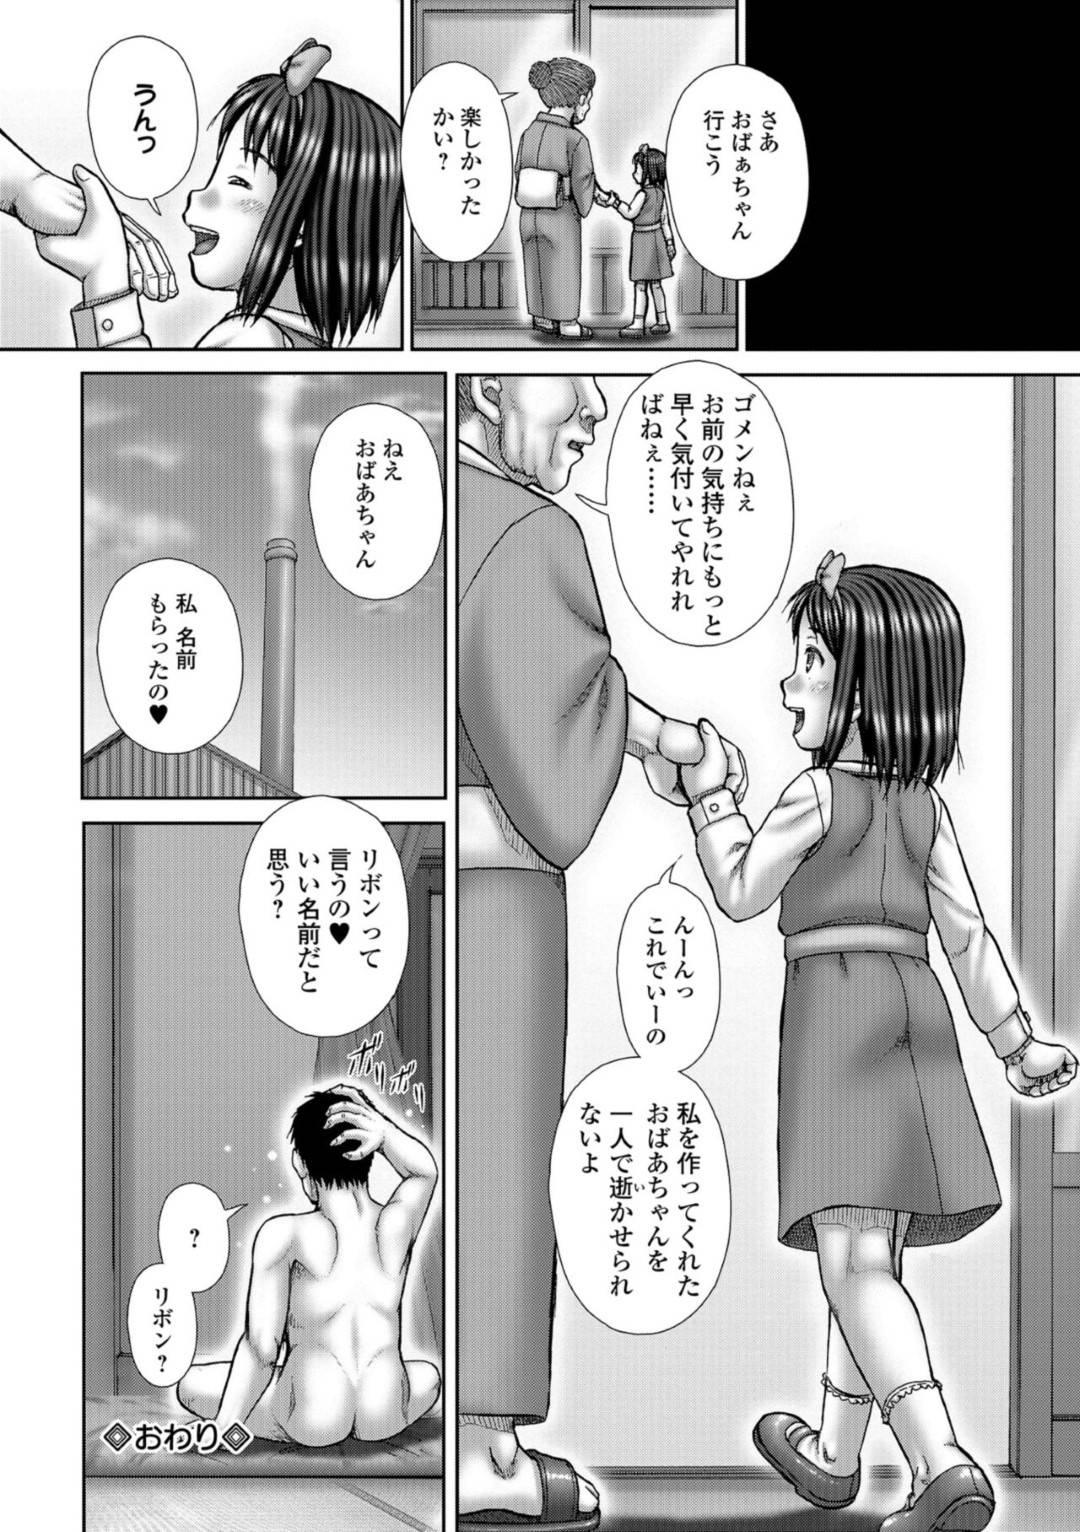 【エロ漫画】仕事帰りに謎の少女に出会うロリコン男...家についてきた少女と我慢できず大人の遊びを教えてあげて中出しセックス【いトう:Attendant付き添い人】